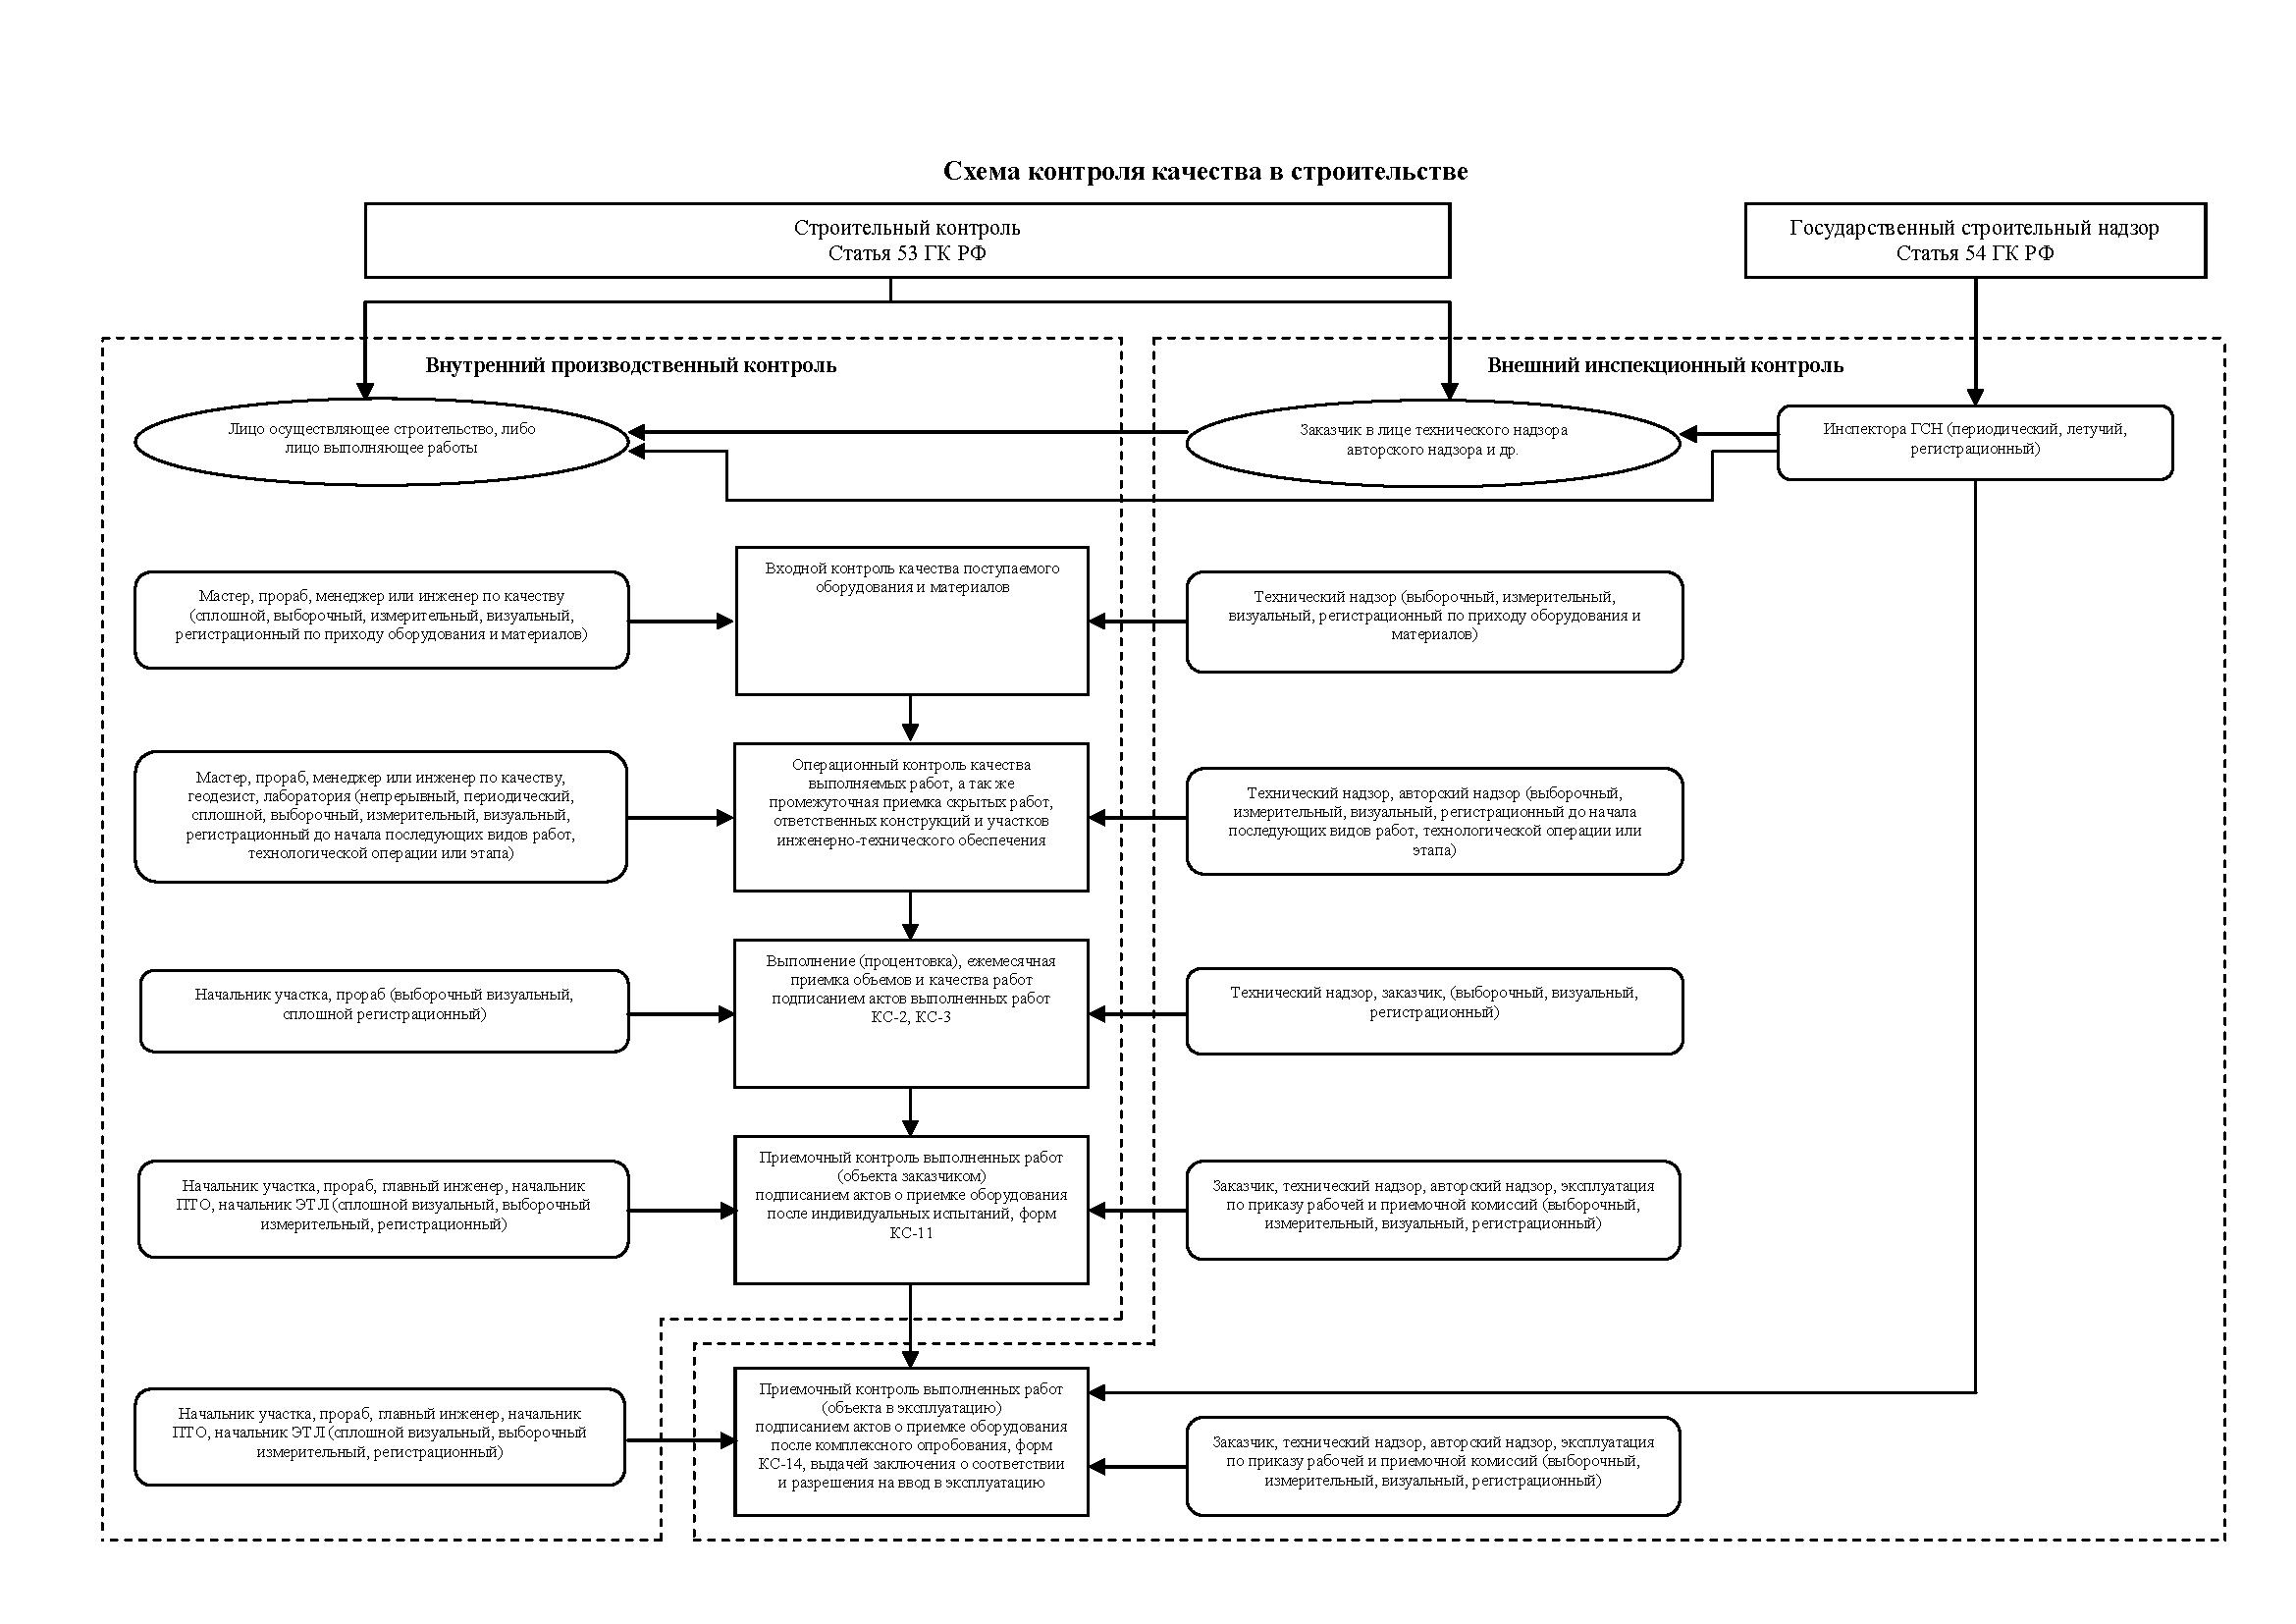 схема контроля качества